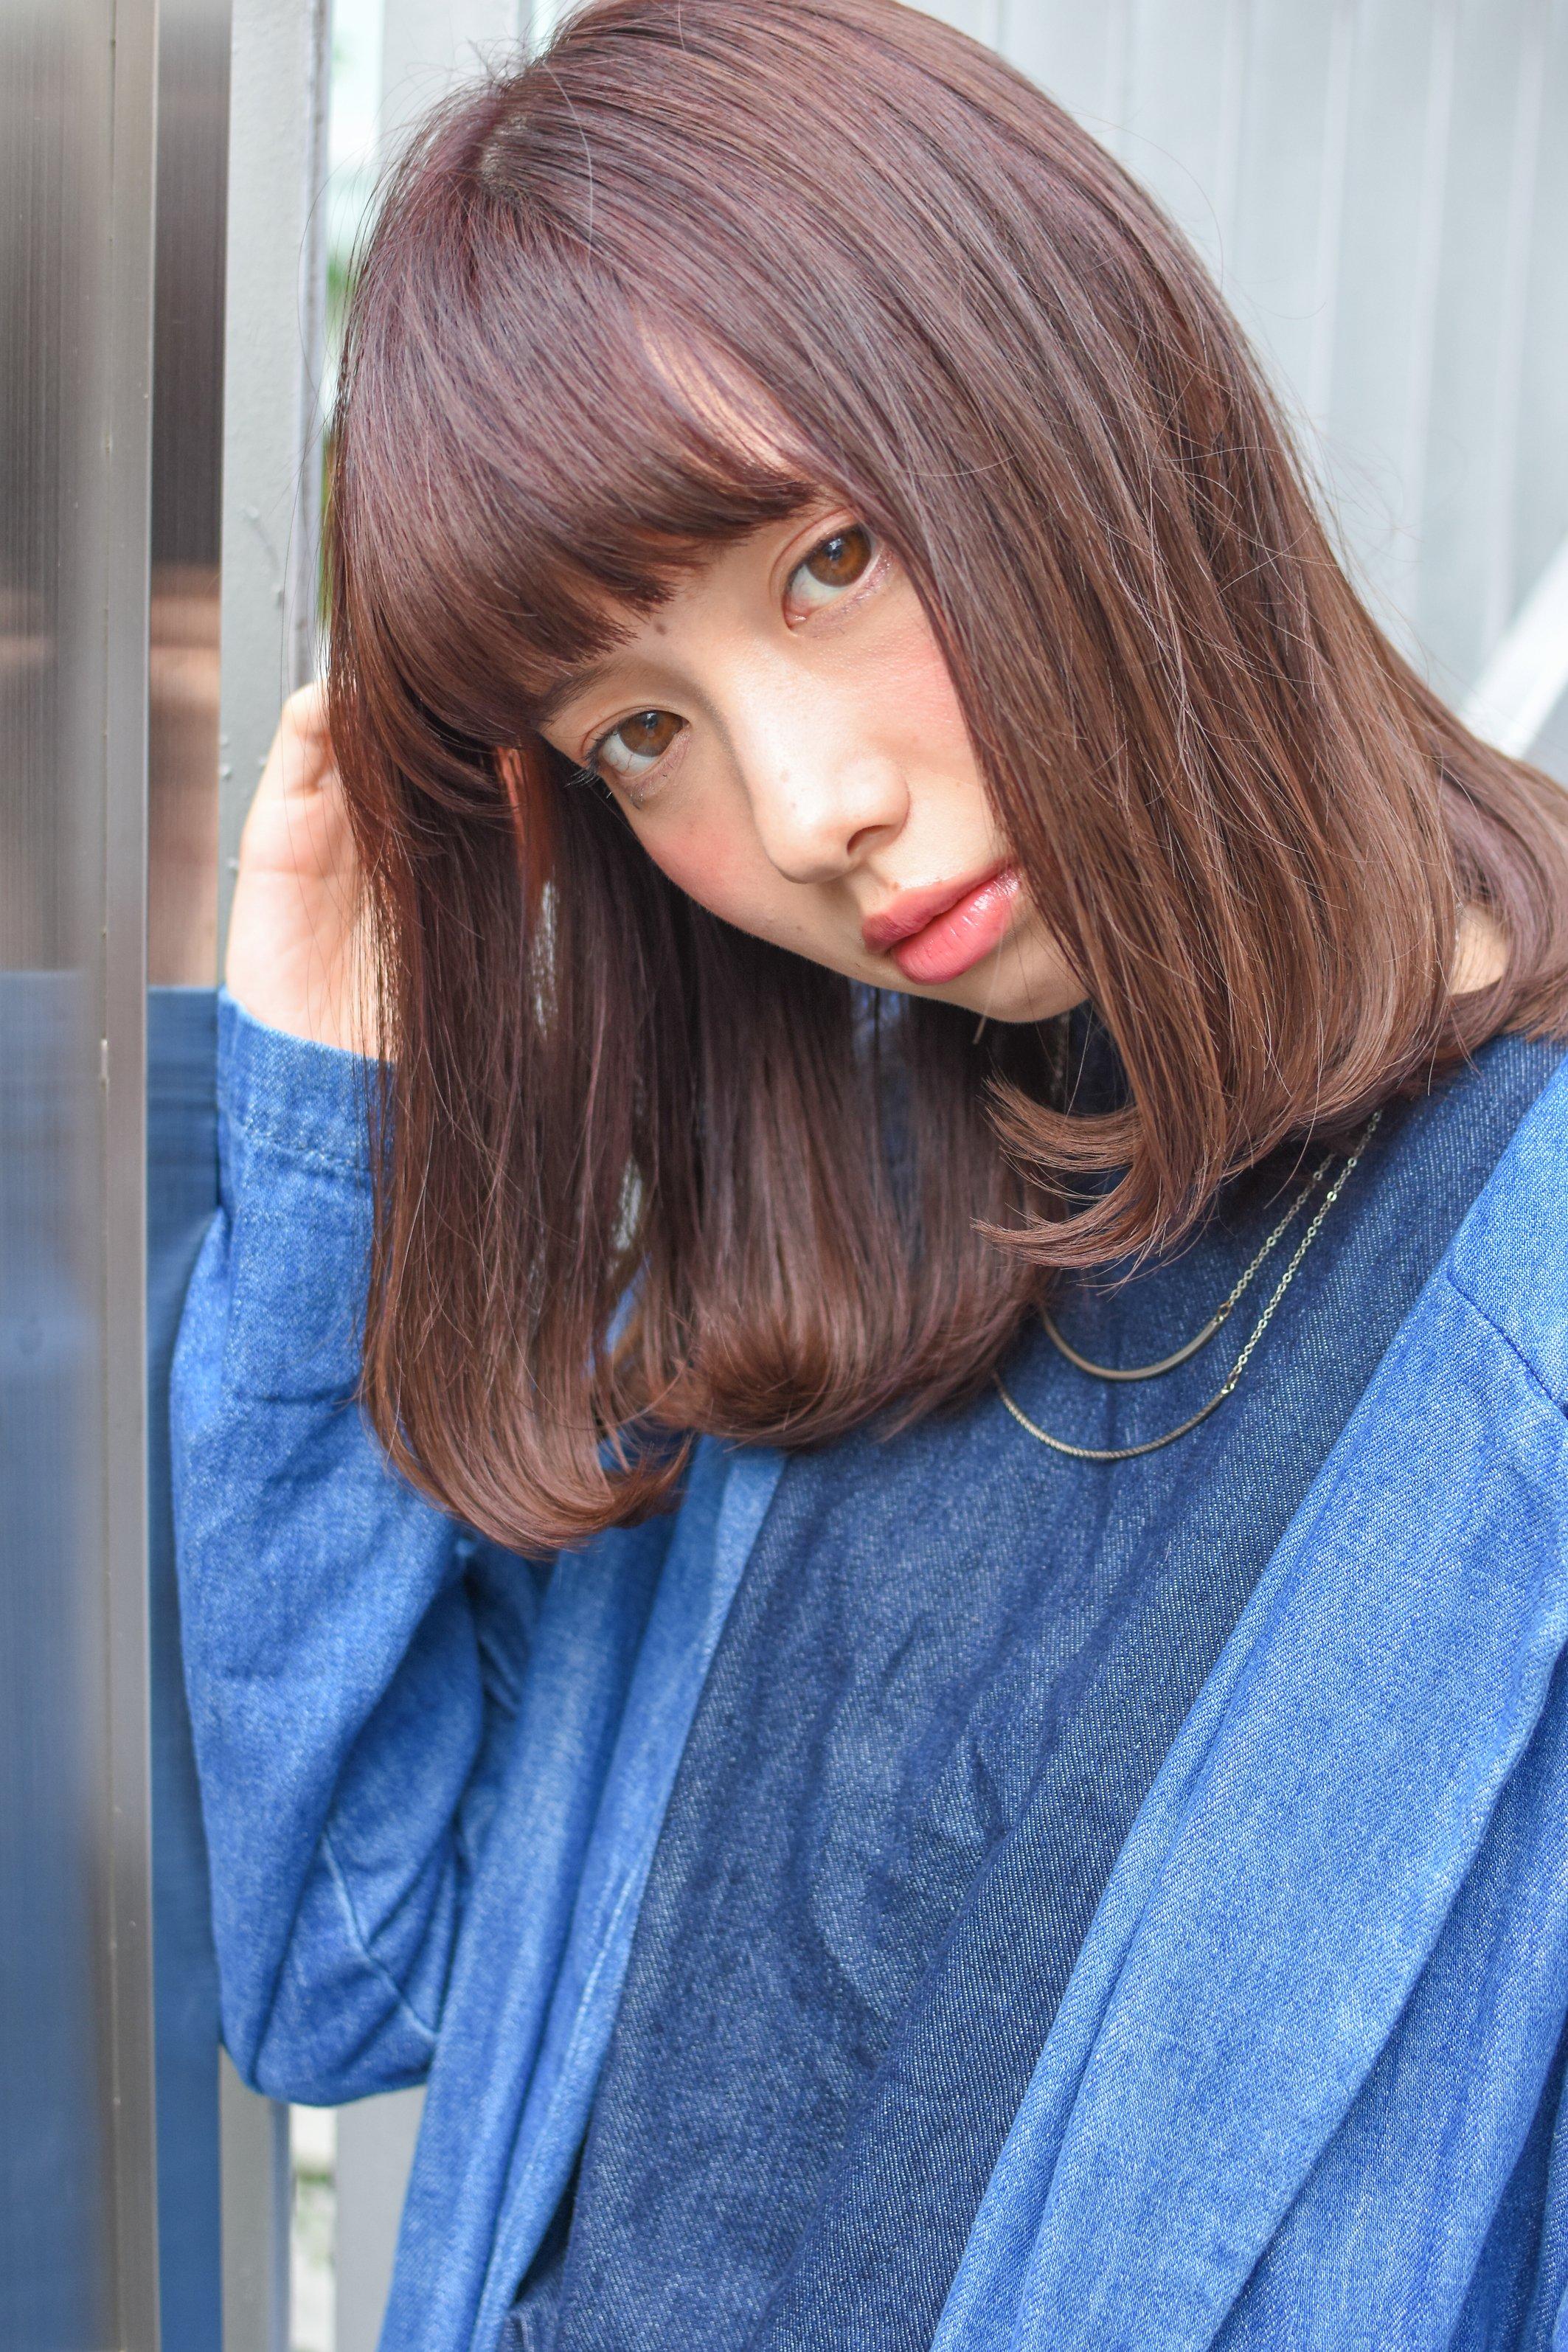 前髪パッツンで女の子らしく♡【レングス別】オシャレなヘアスタイルカタログ